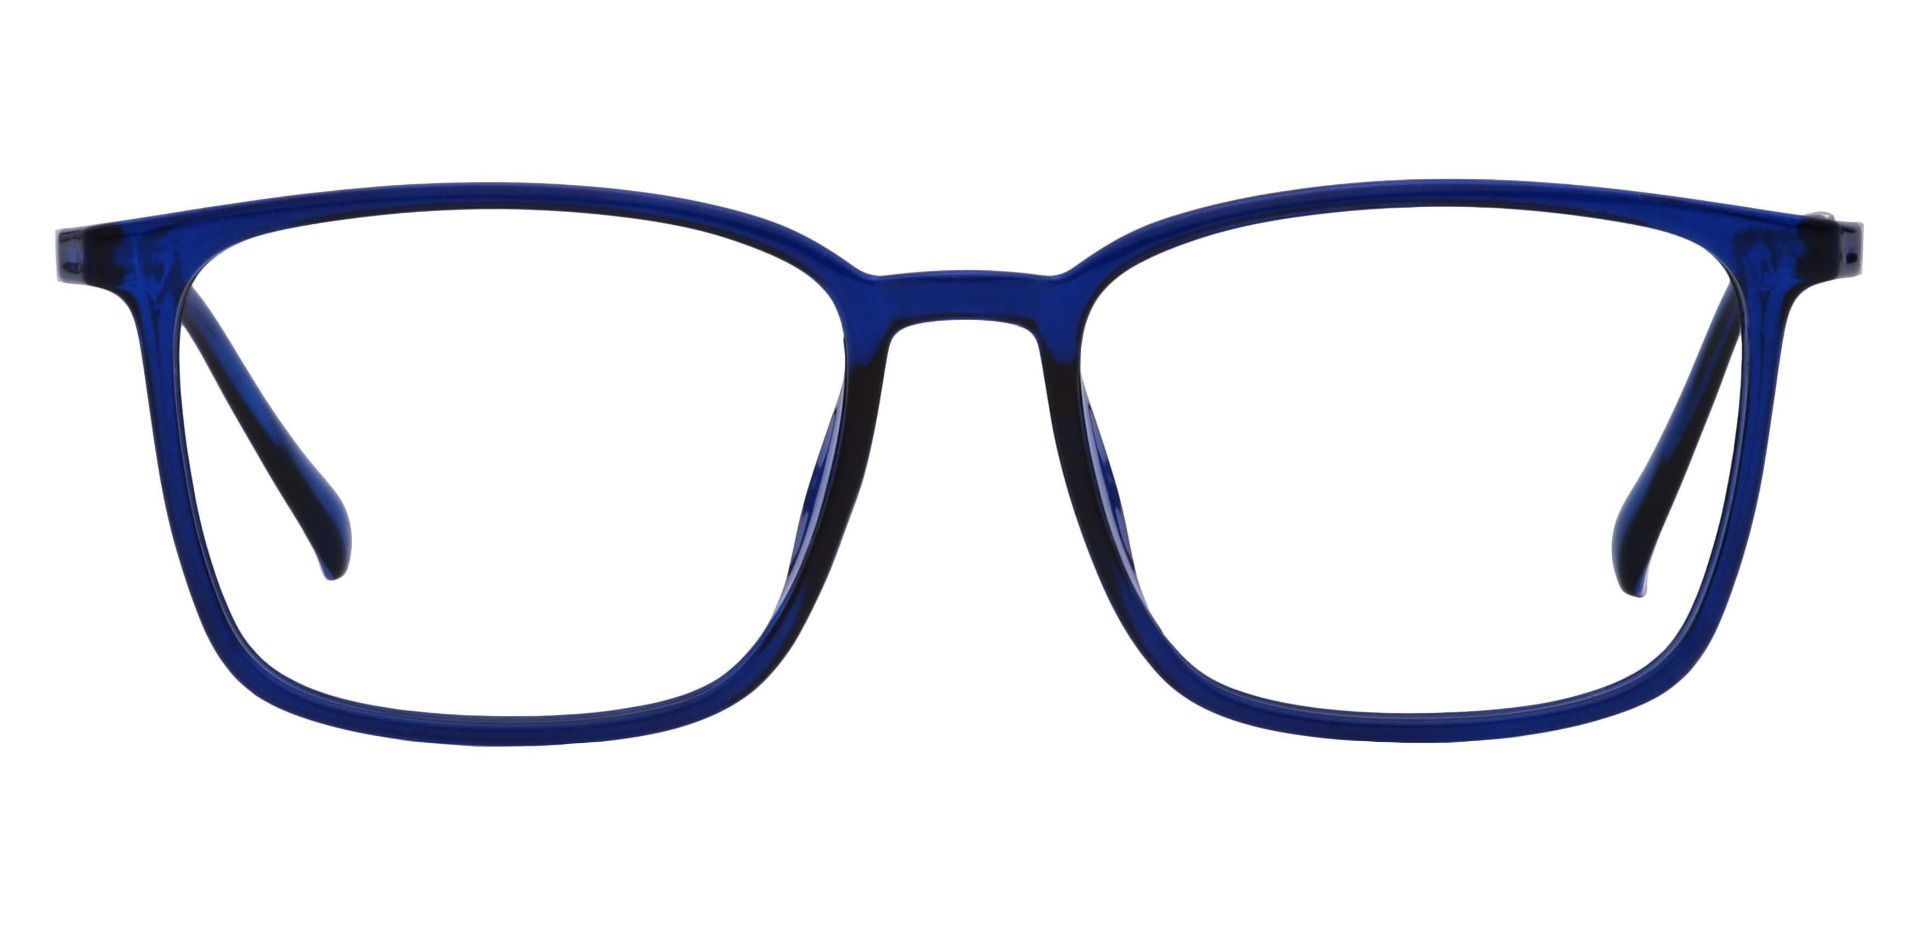 Hayworth Rectangle Prescription Glasses - Blue